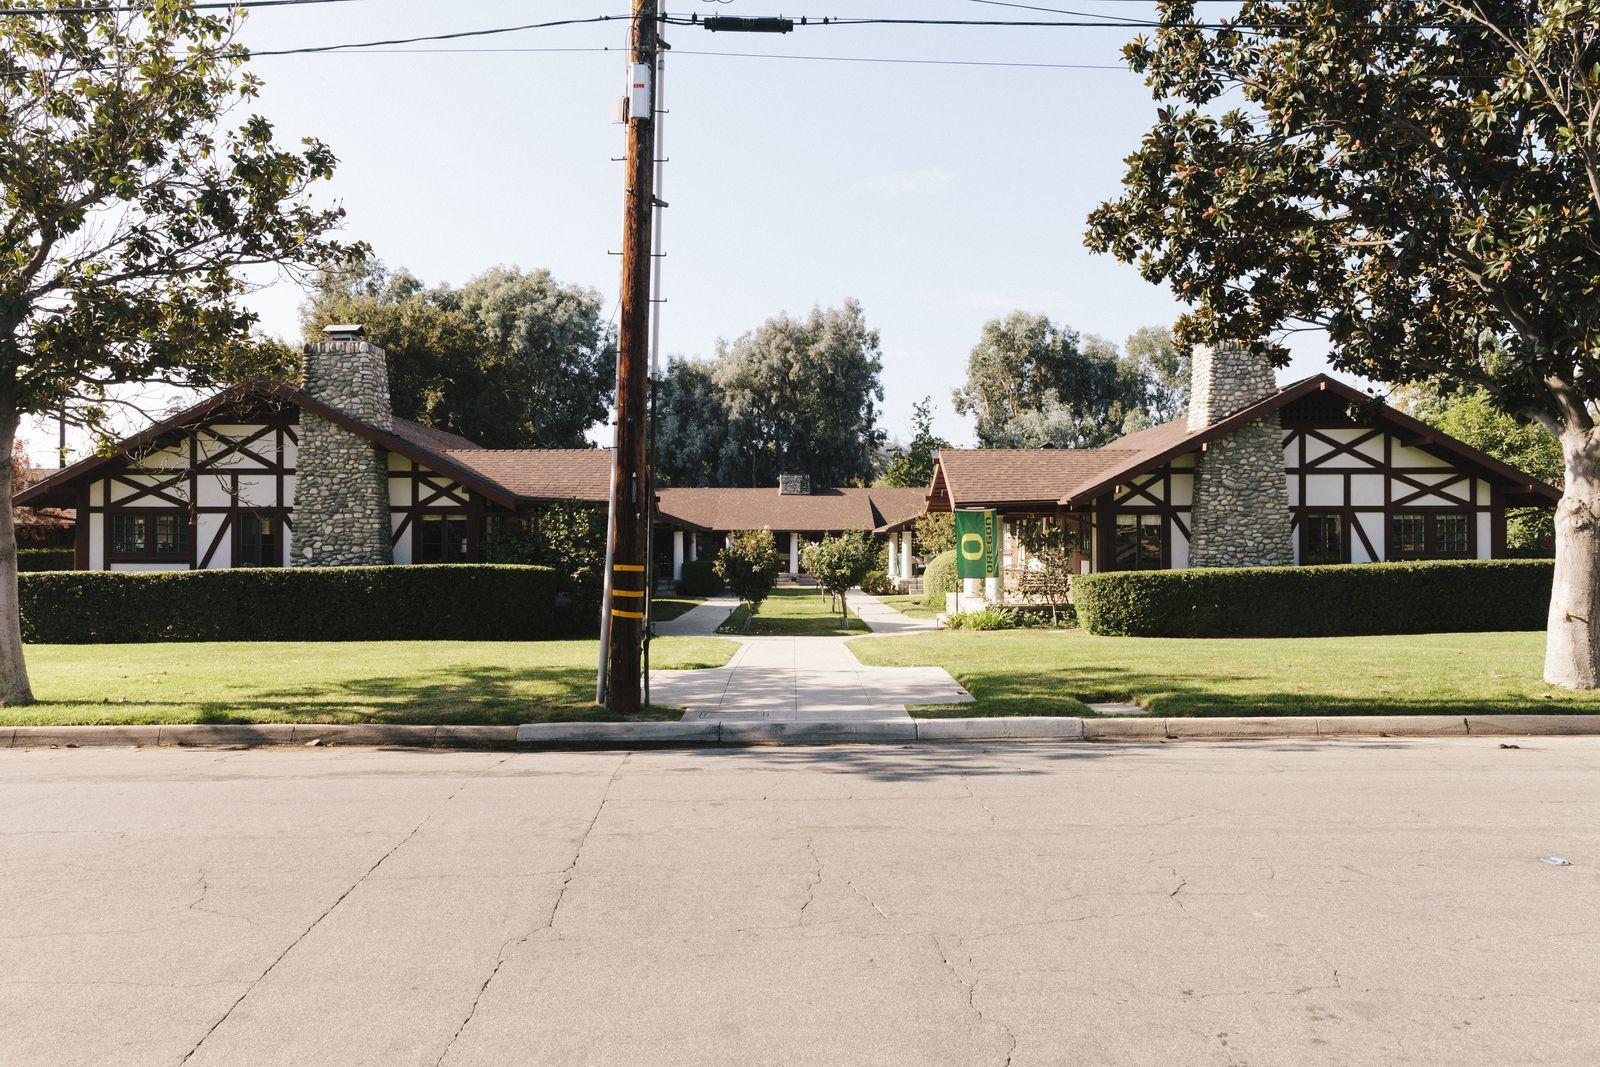 L A Places Bungalow Heaven: Why LA's Beloved Bungalow Courts Might Go Extinct